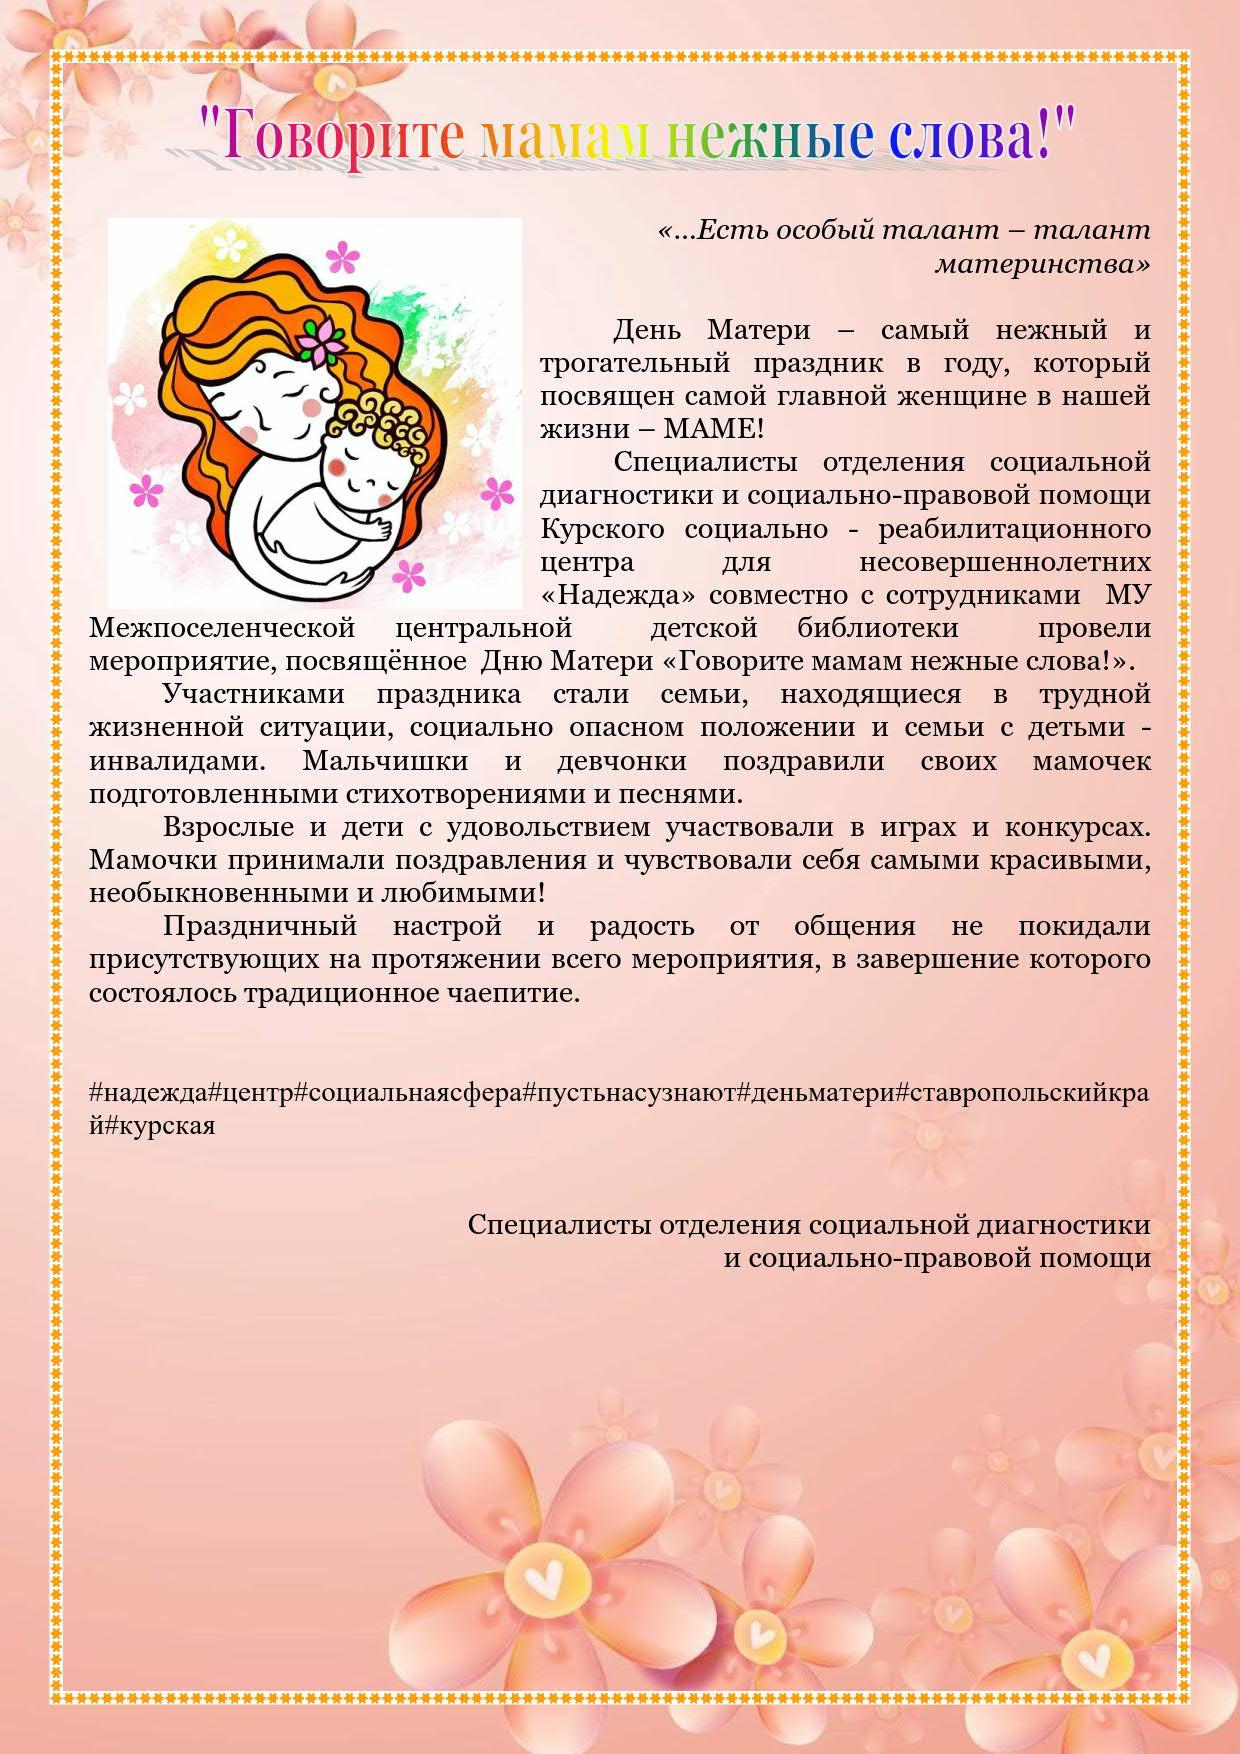 статья ко дню матери_1